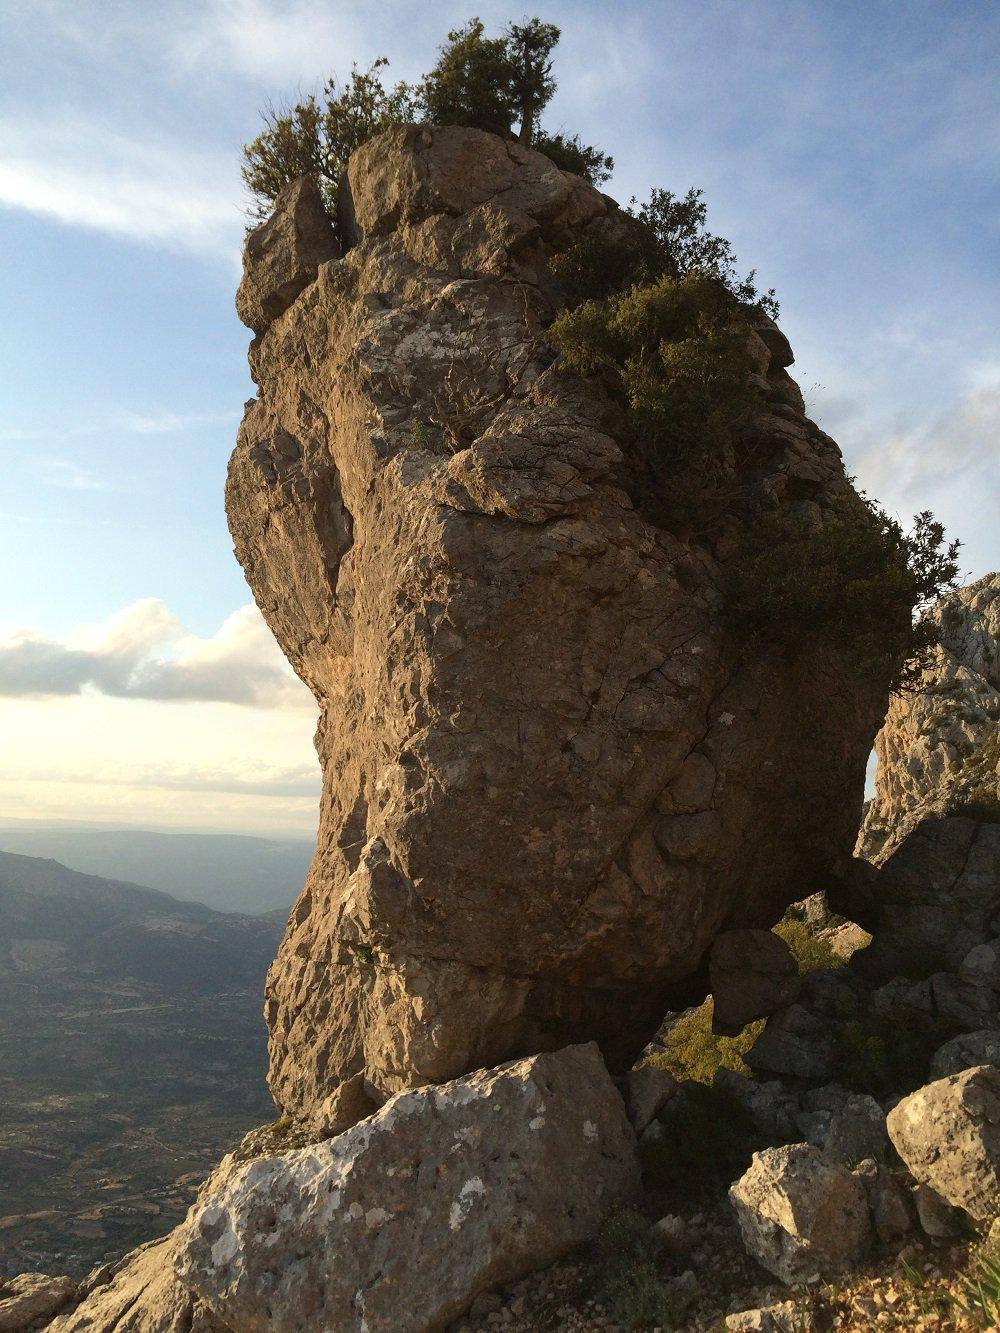 Il birillo di roccia in bilico sul pendio dove inizia il percorso di avvicinamento fuori pista